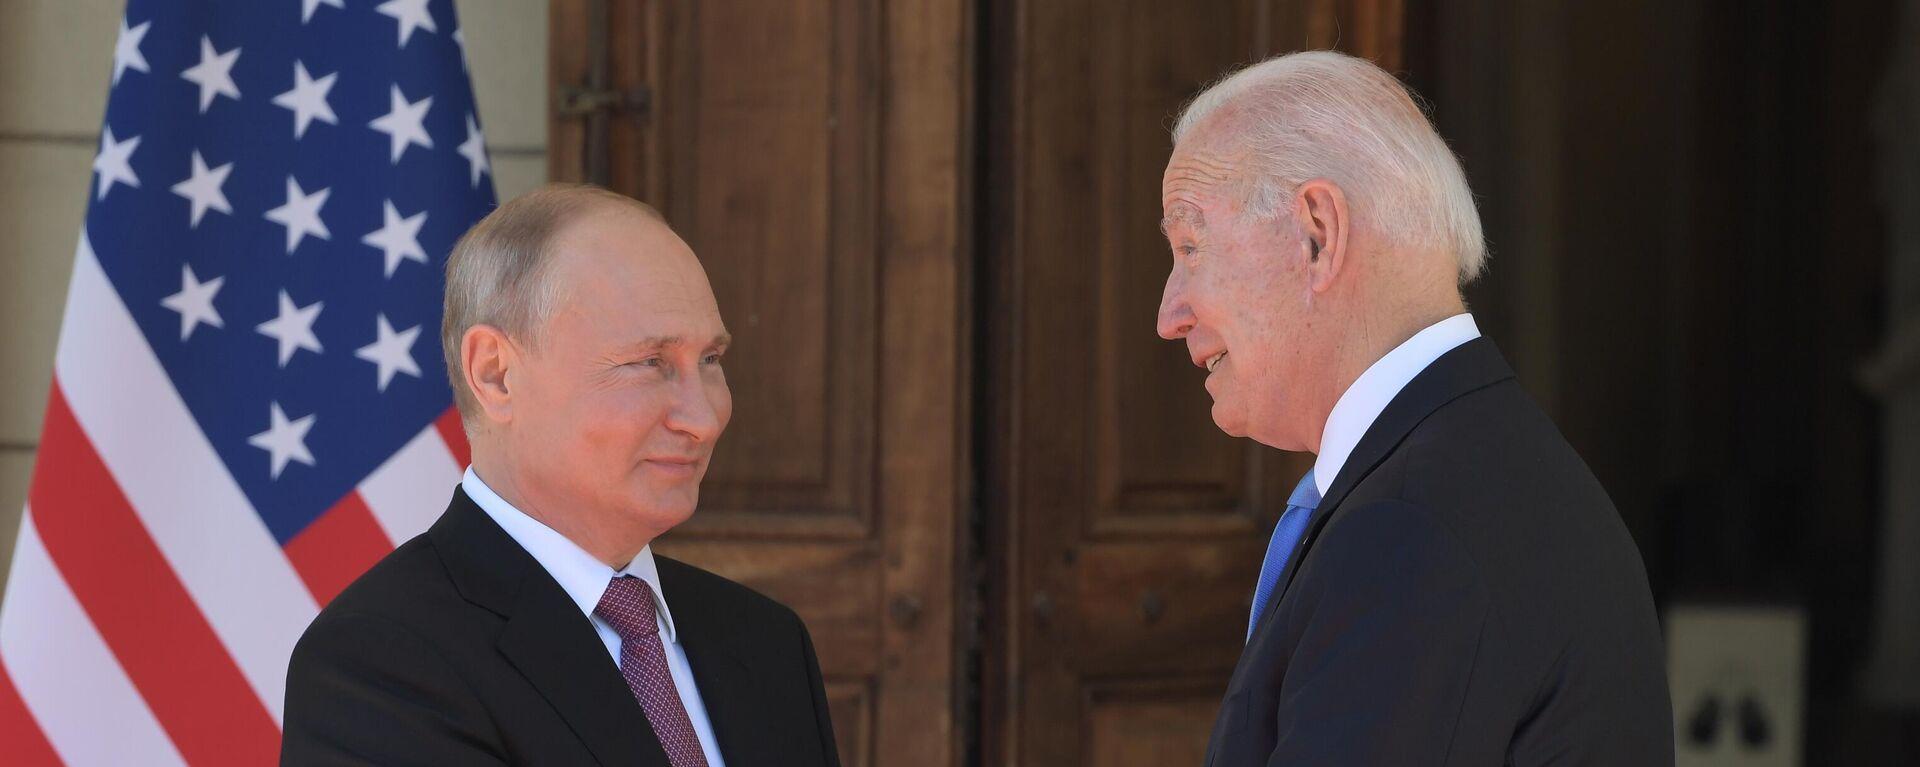 Guarda lo storico incontro tra Vladimir Putin e Joe Biden - Sputnik Italia, 1920, 16.06.2021